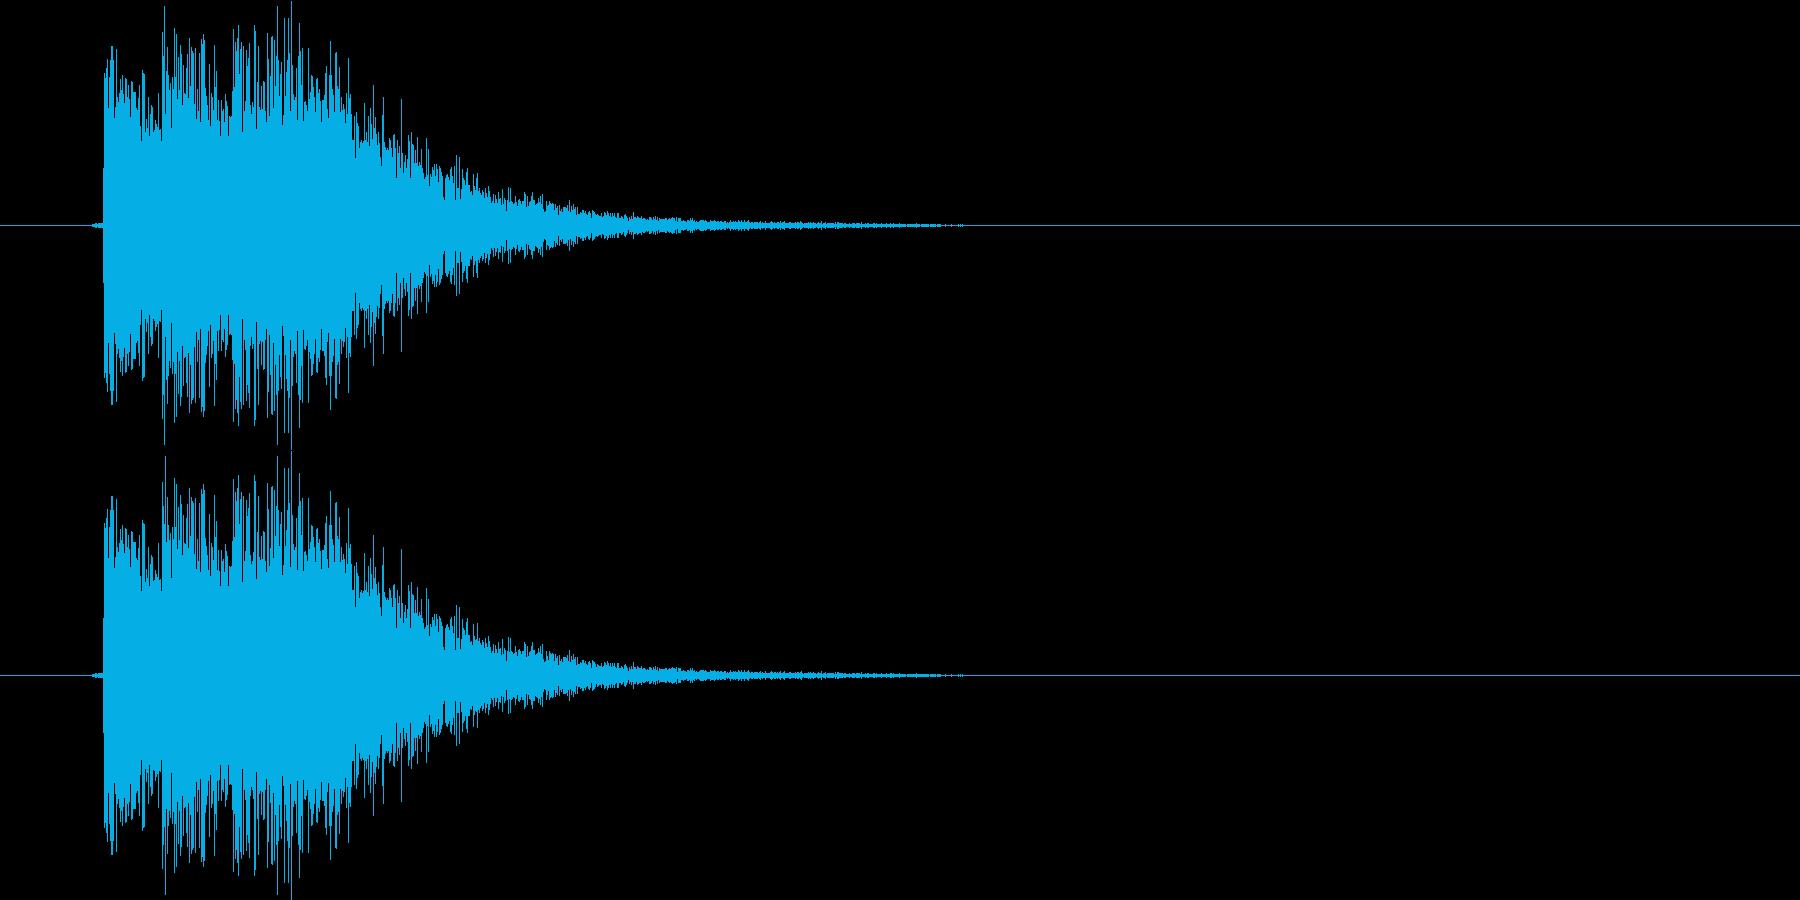 崩し、ヒット系(電子音)の再生済みの波形